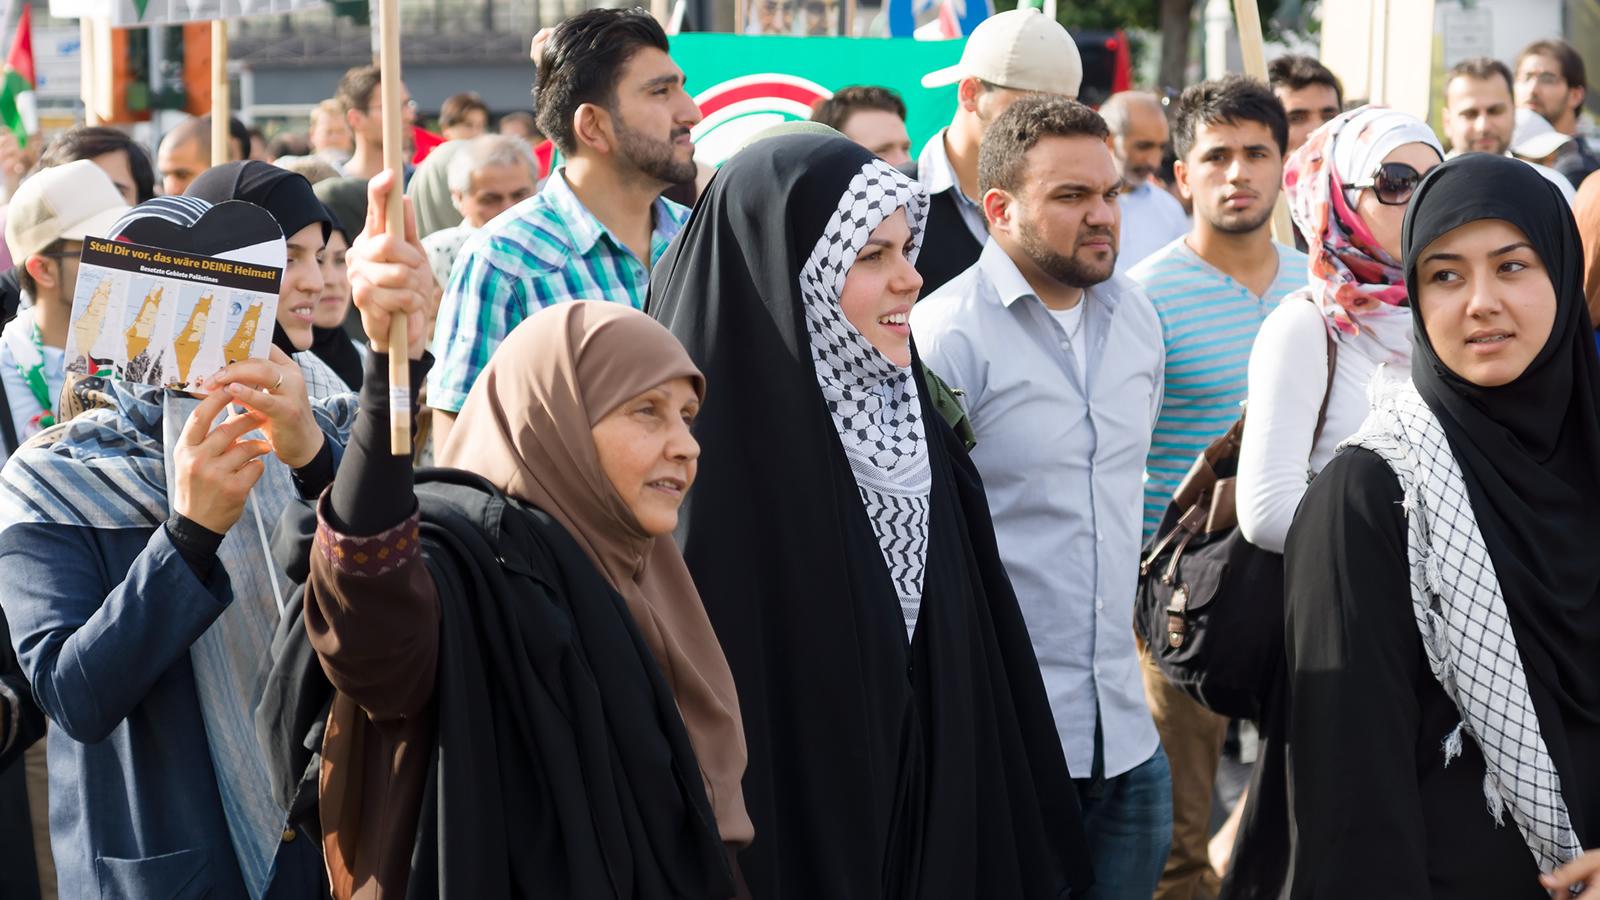 Muslim Women Protestors